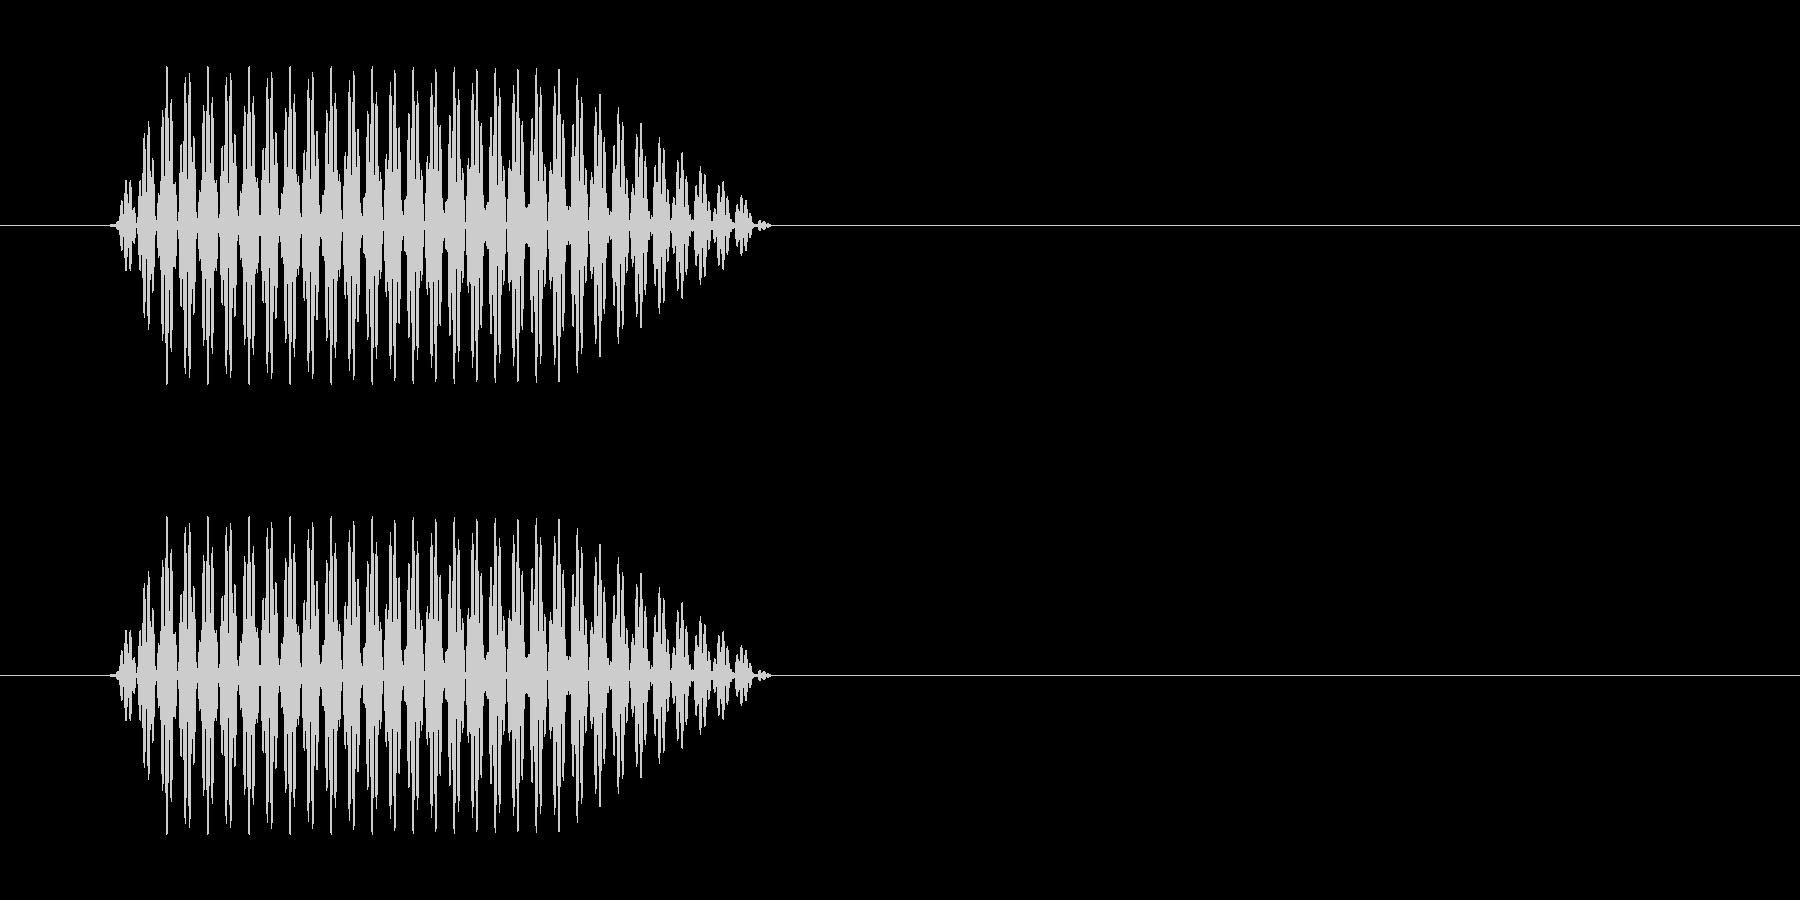 綺麗で聴きやすい効果音の未再生の波形